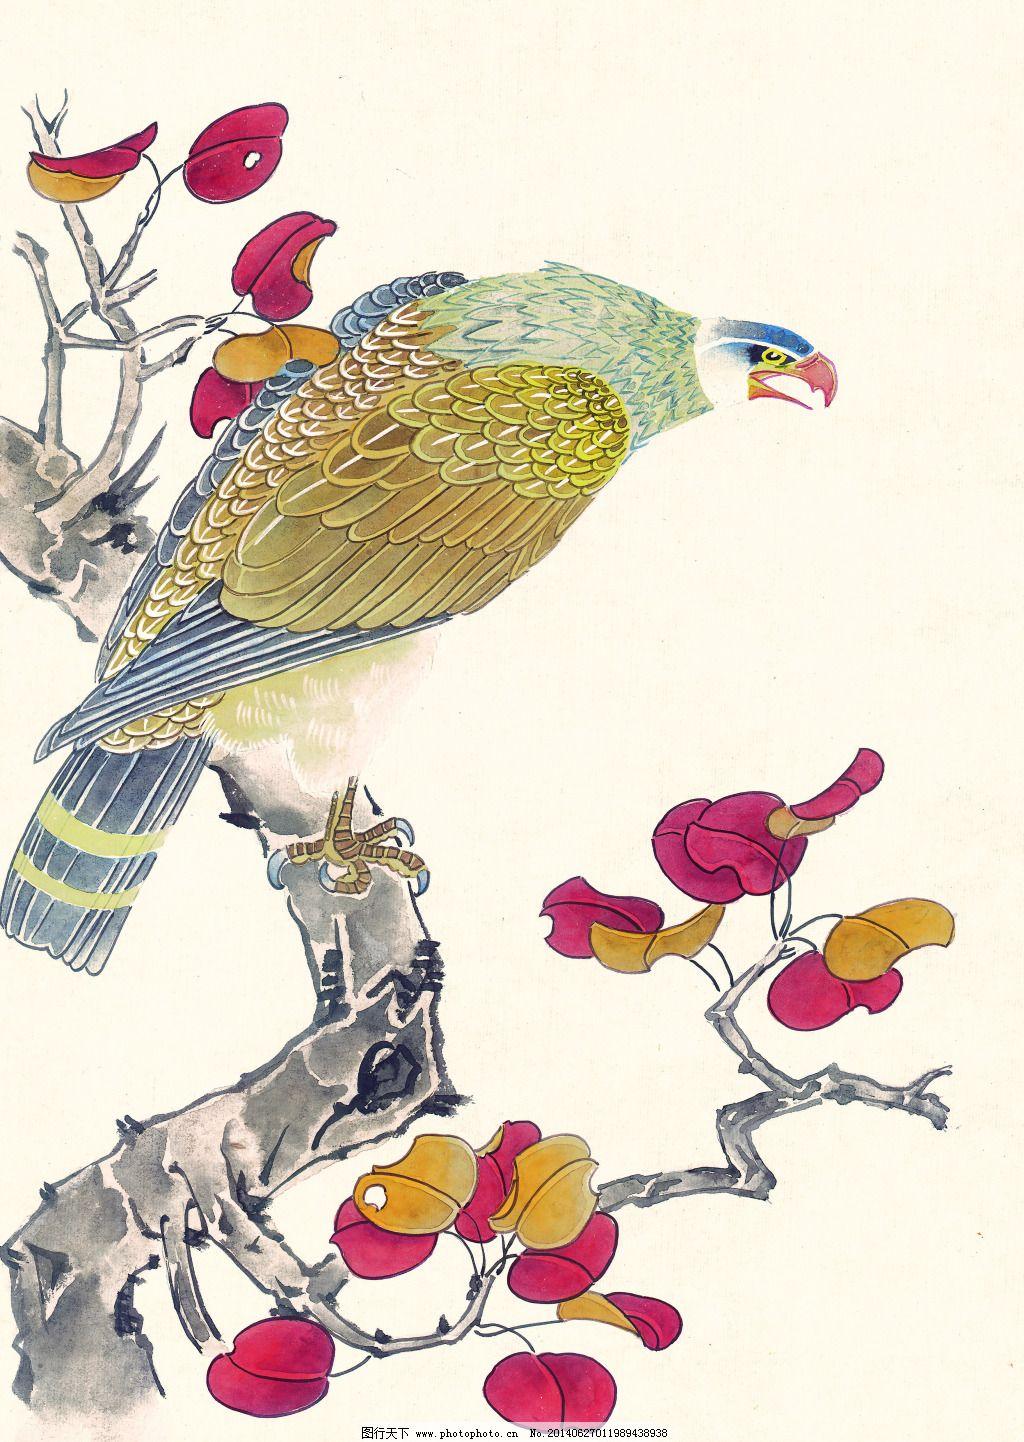 喜鹊免费下载 国画 花鸟 绘画 美术 花鸟 国画 绘画 美术 装饰素材 无